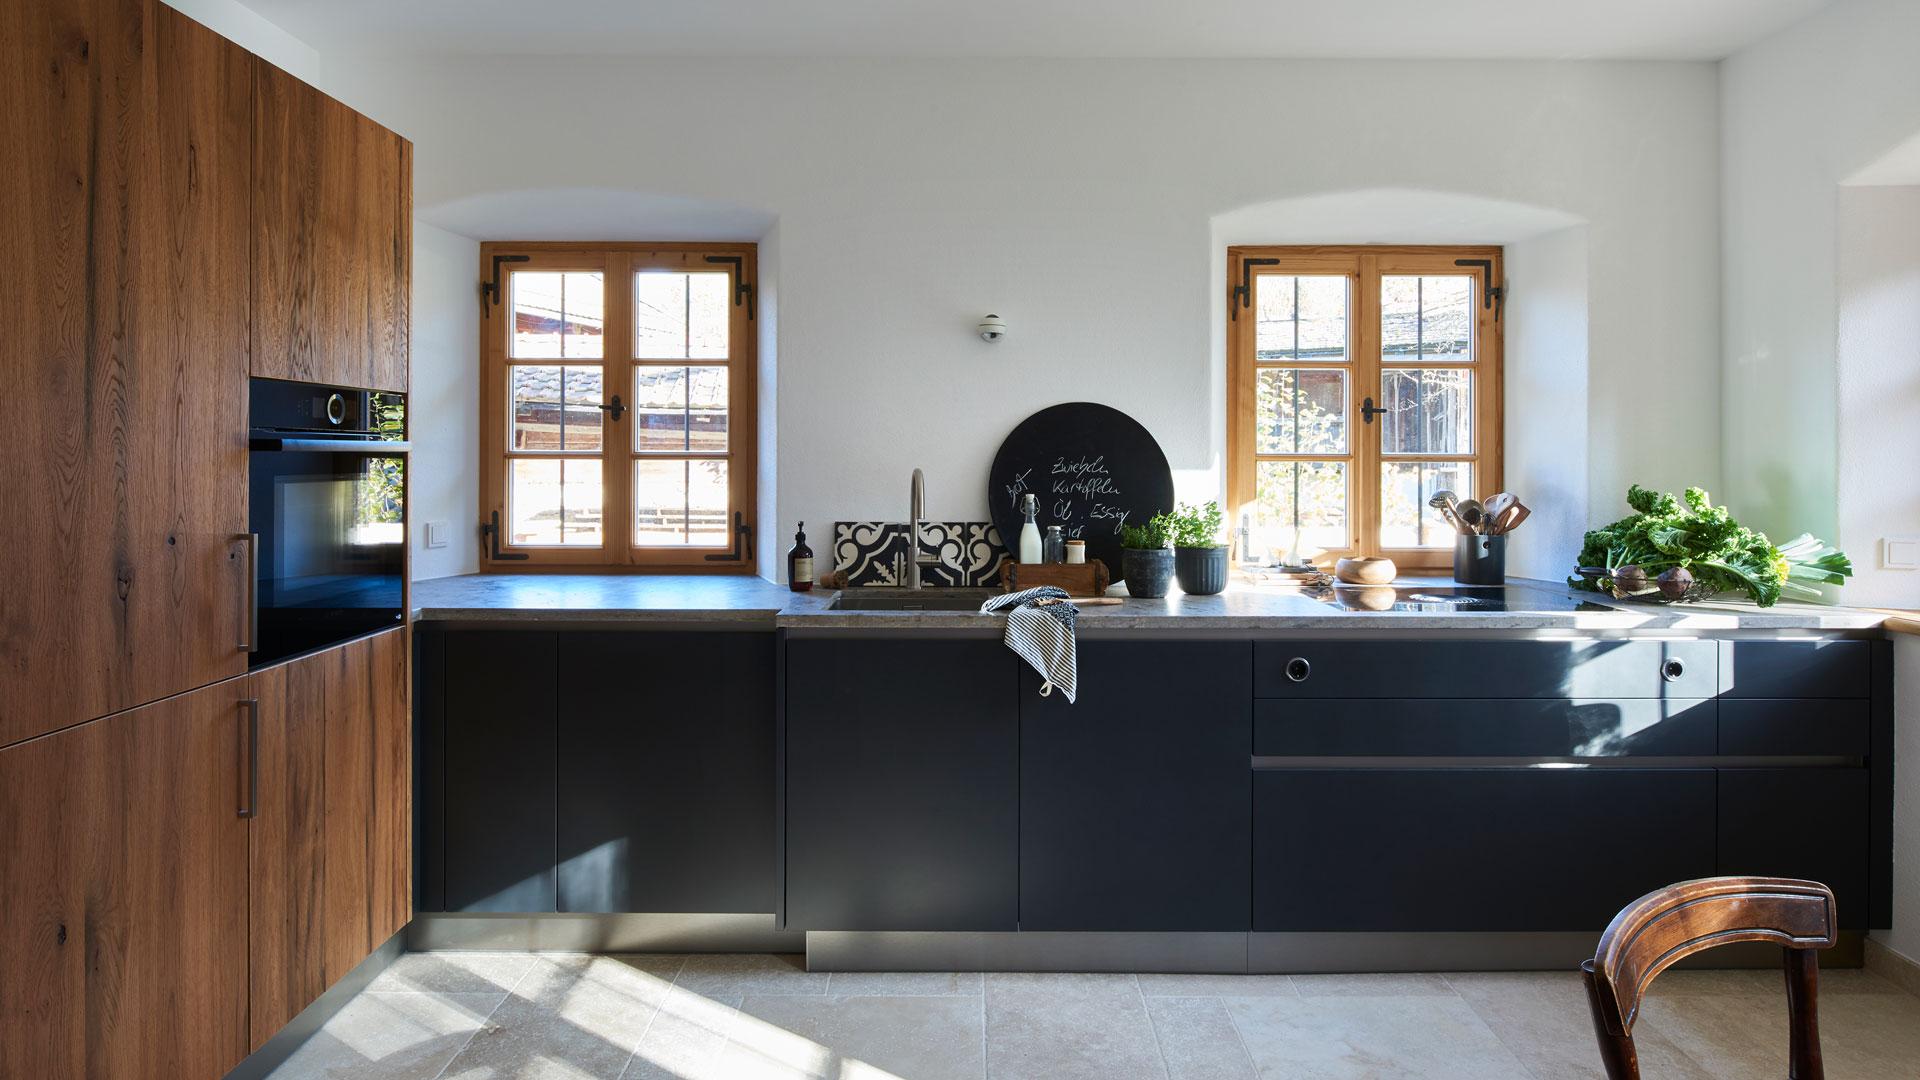 Schwarze Küche in altem Bauernhaus